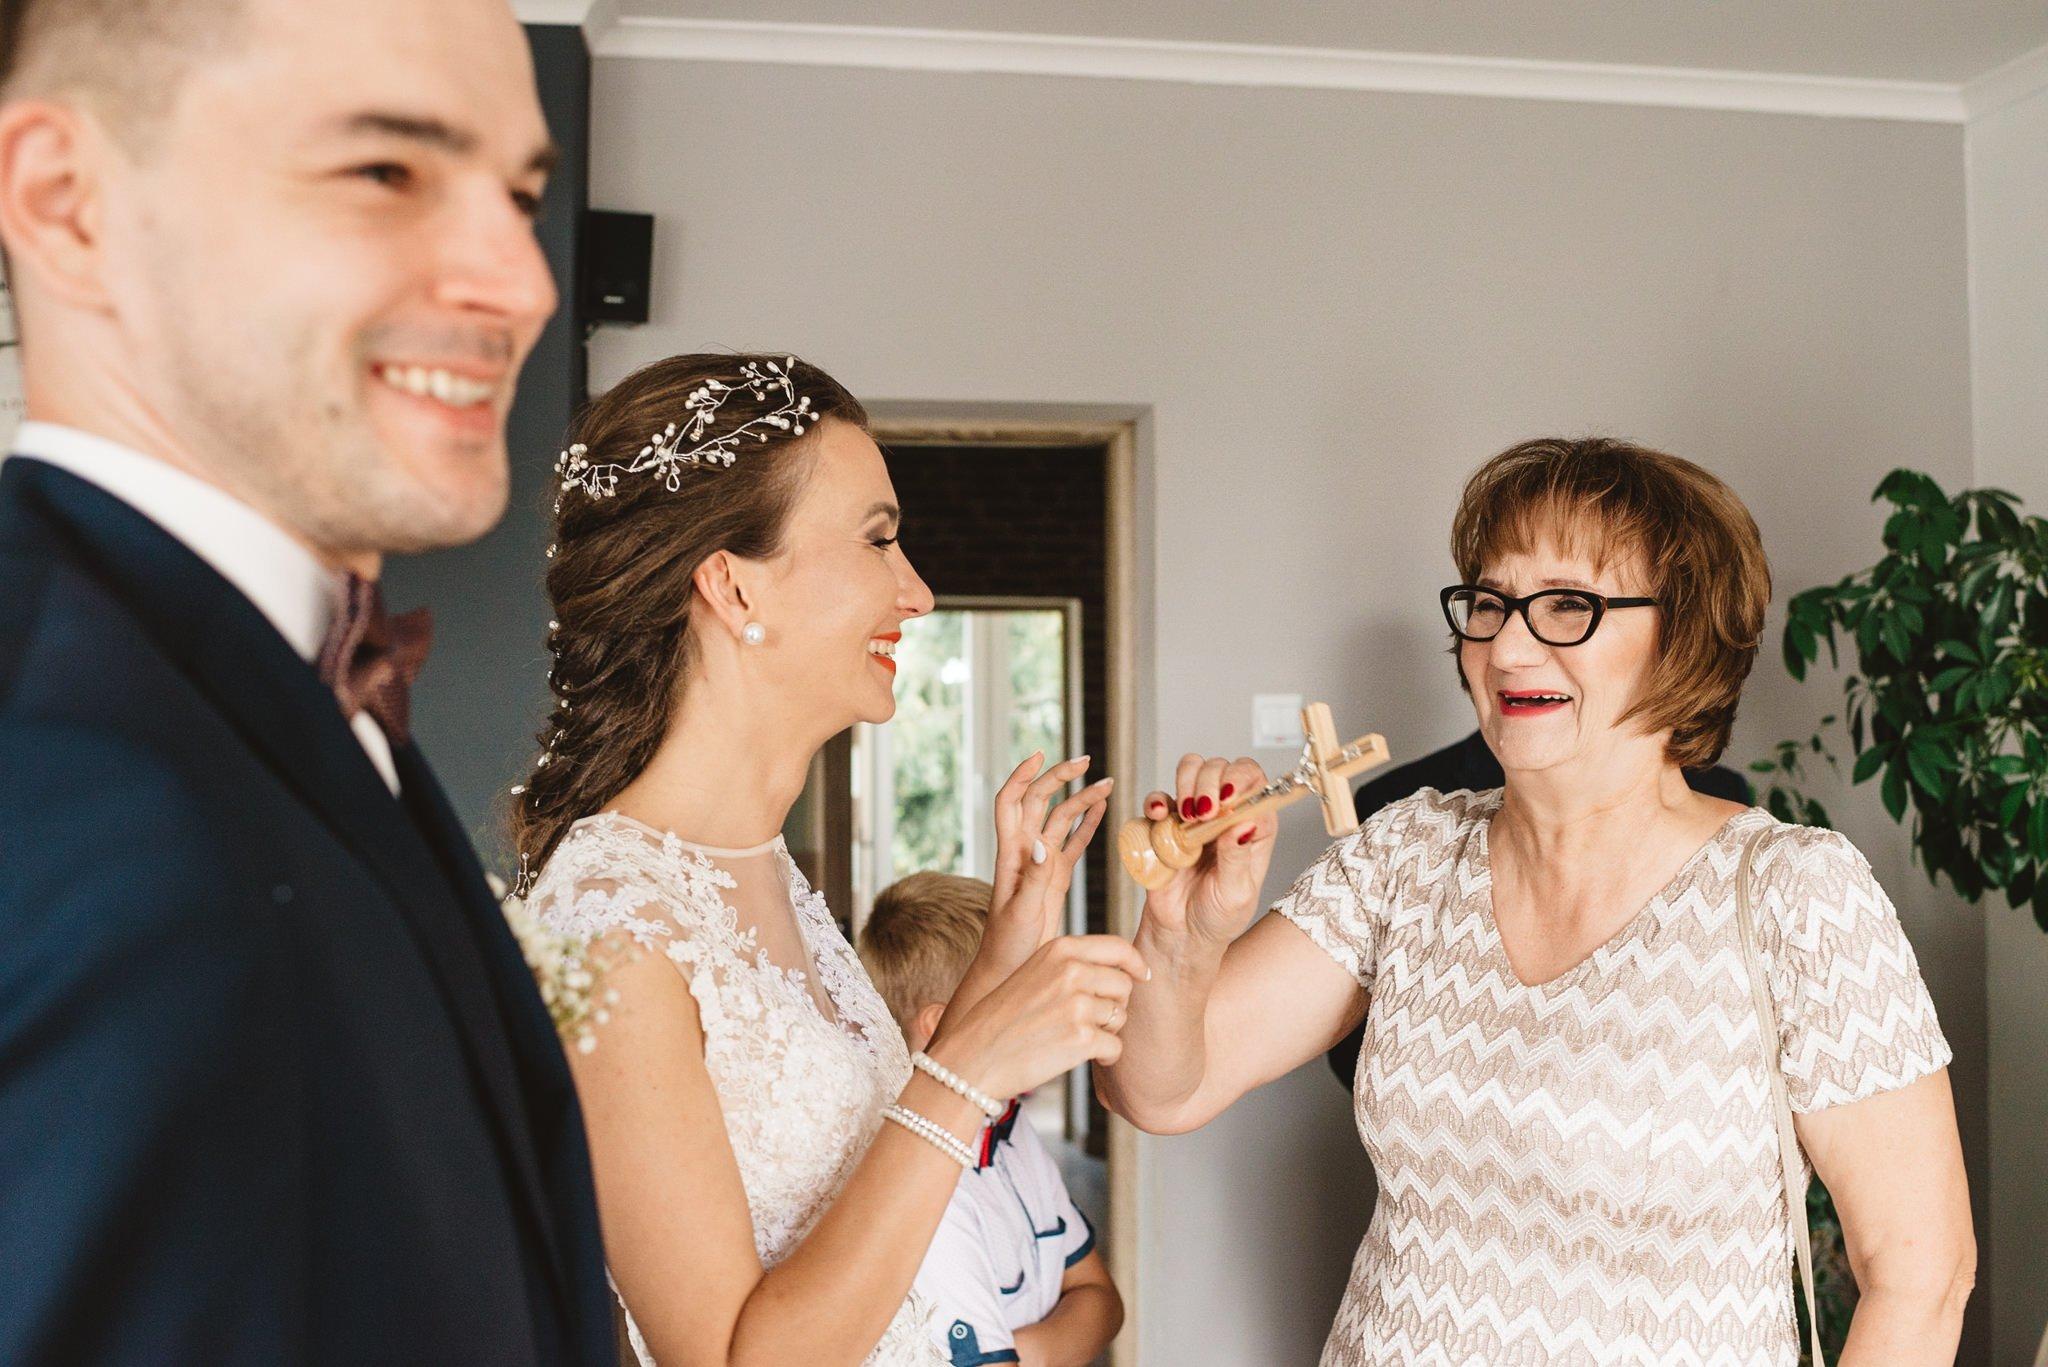 Ala i Arek, czyli jak zorganizować ślub i wesele w 4 tygodnie! 49